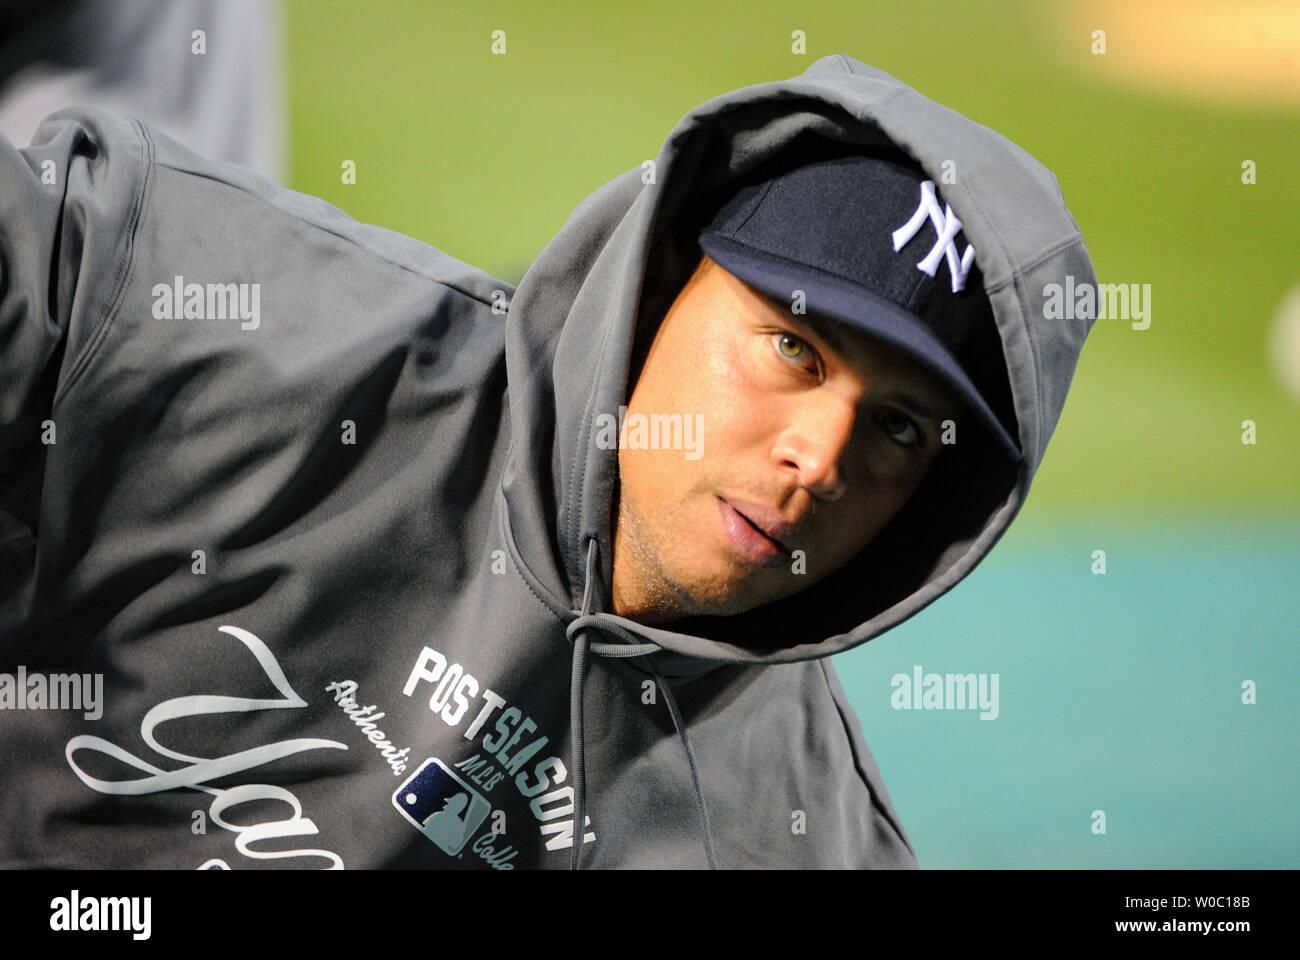 New York Yankees third baseman Alex Rodriguez (13) warms up at